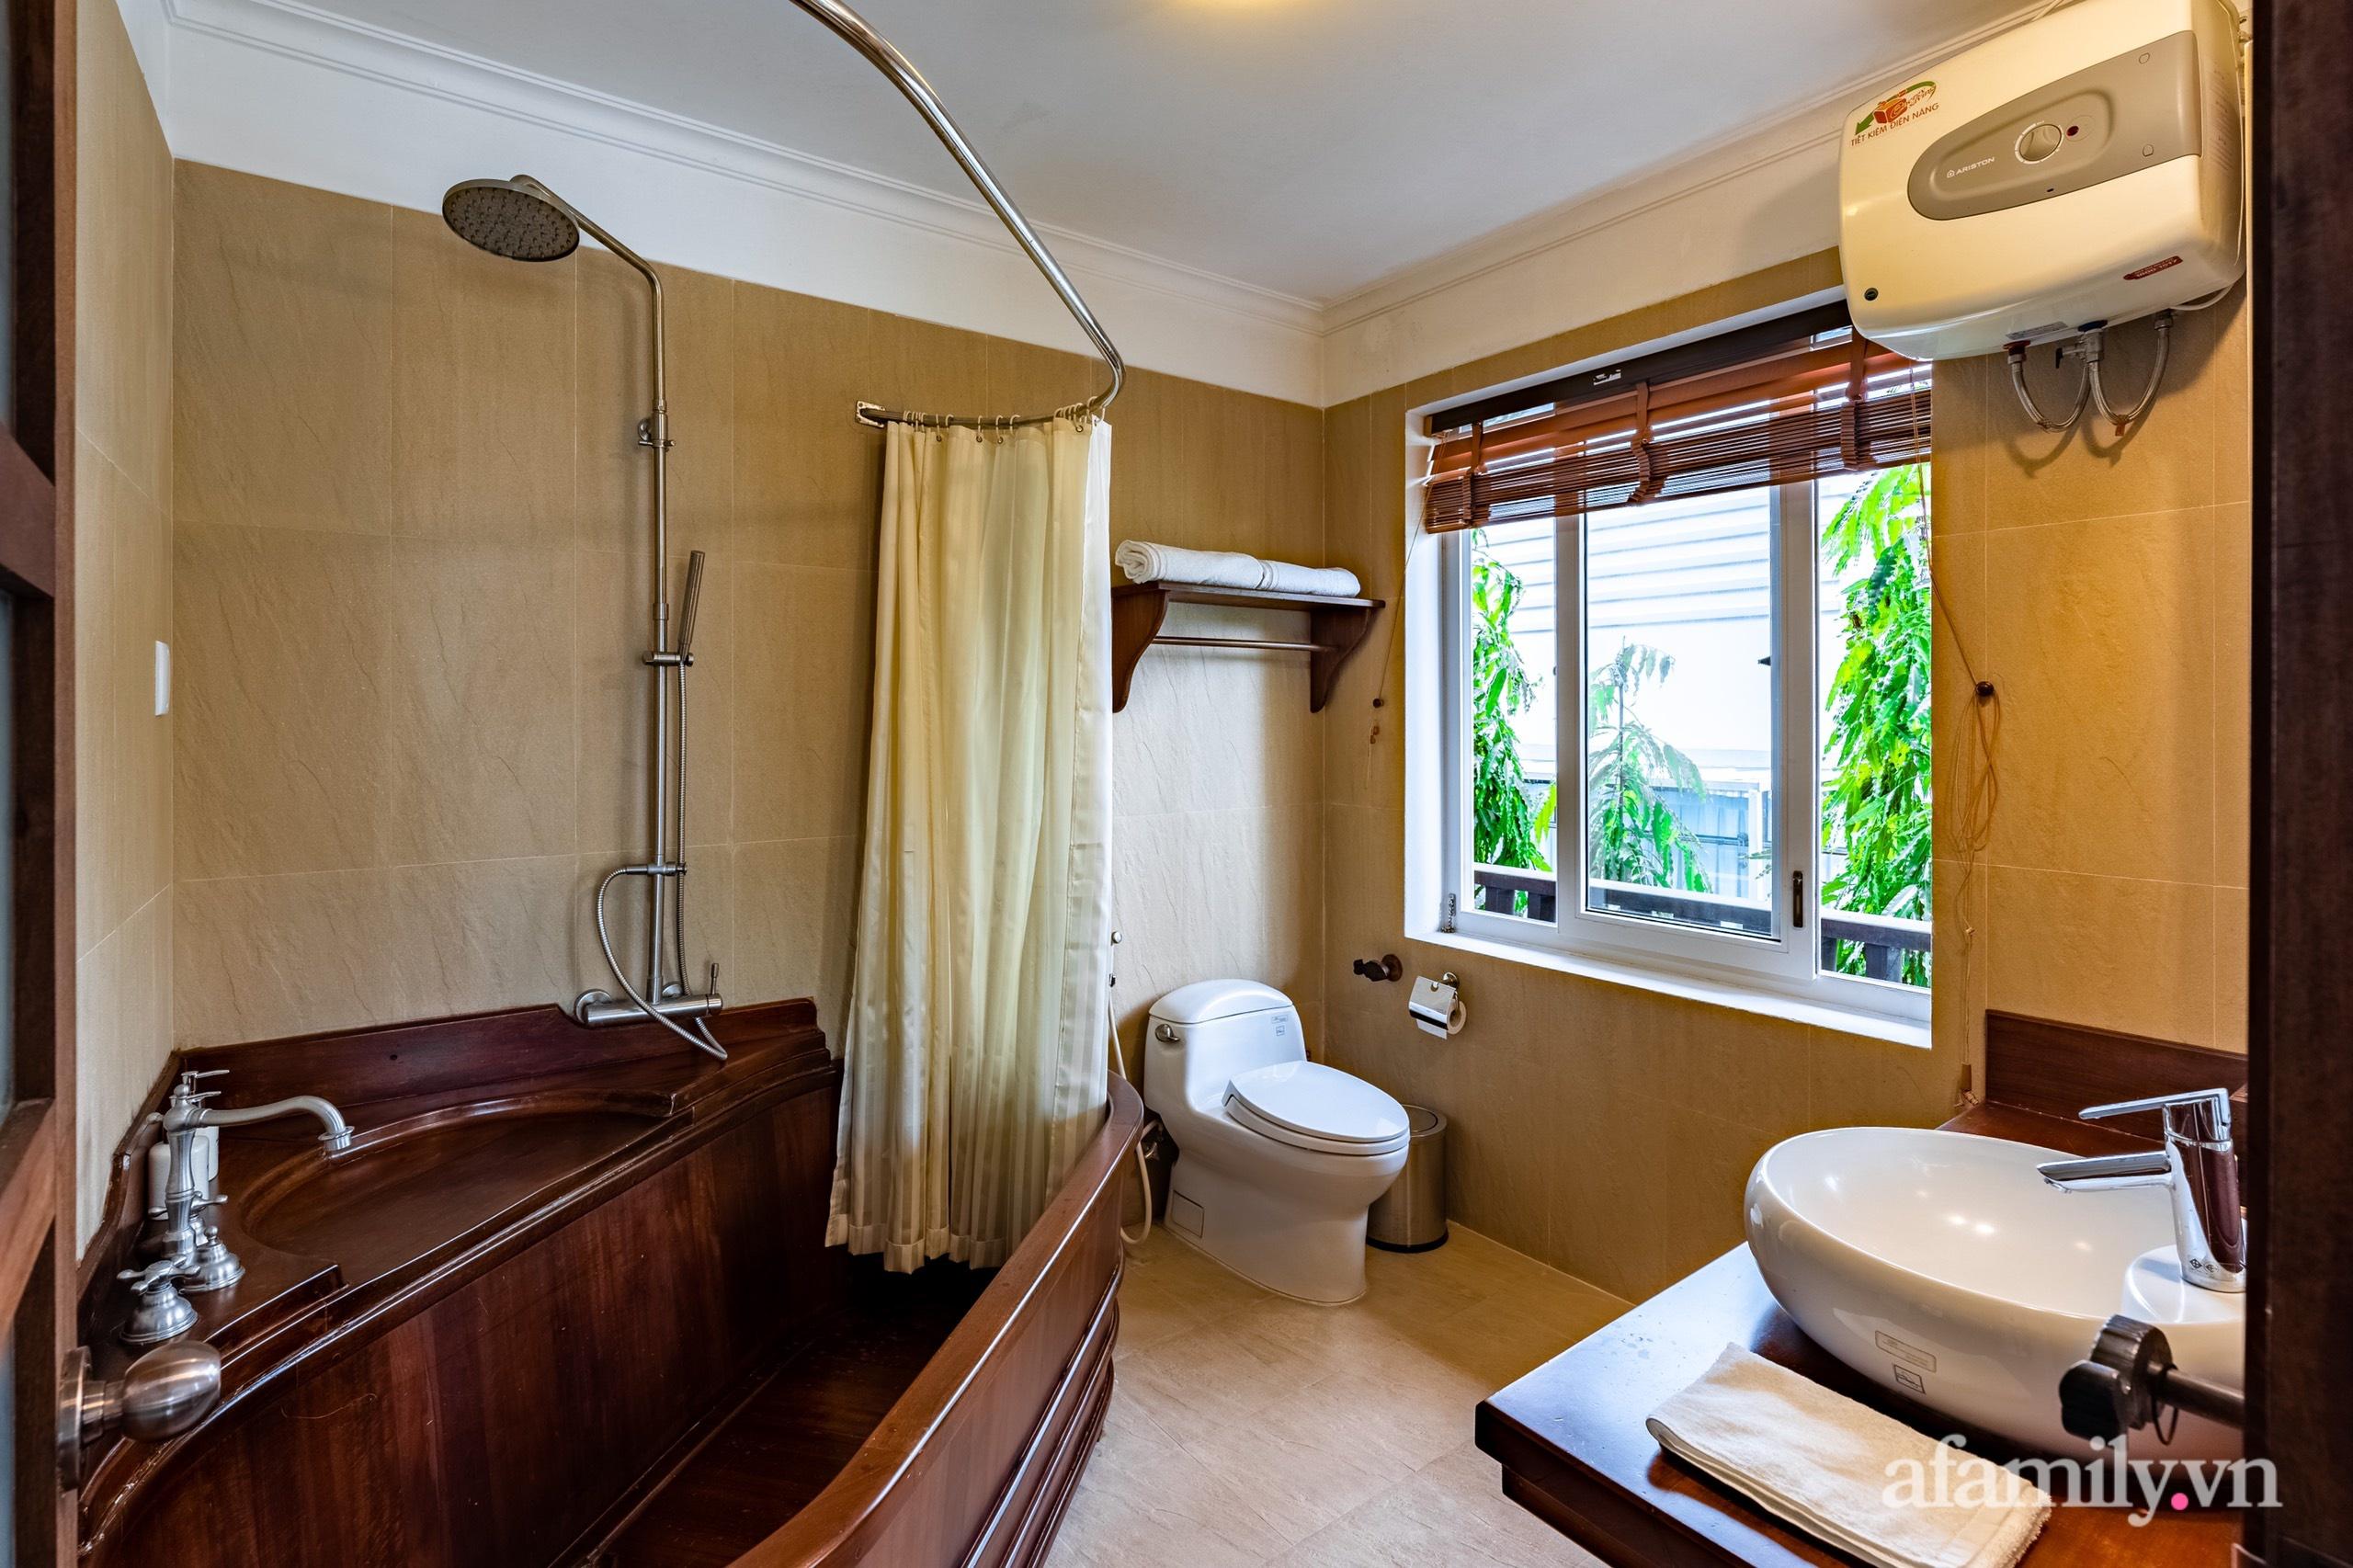 Căn nhà vườn xây 10 năm vẫn đẹp hút mắt với nội thất gỗ và cây xanh quanh nhà ở Nha Trang-18